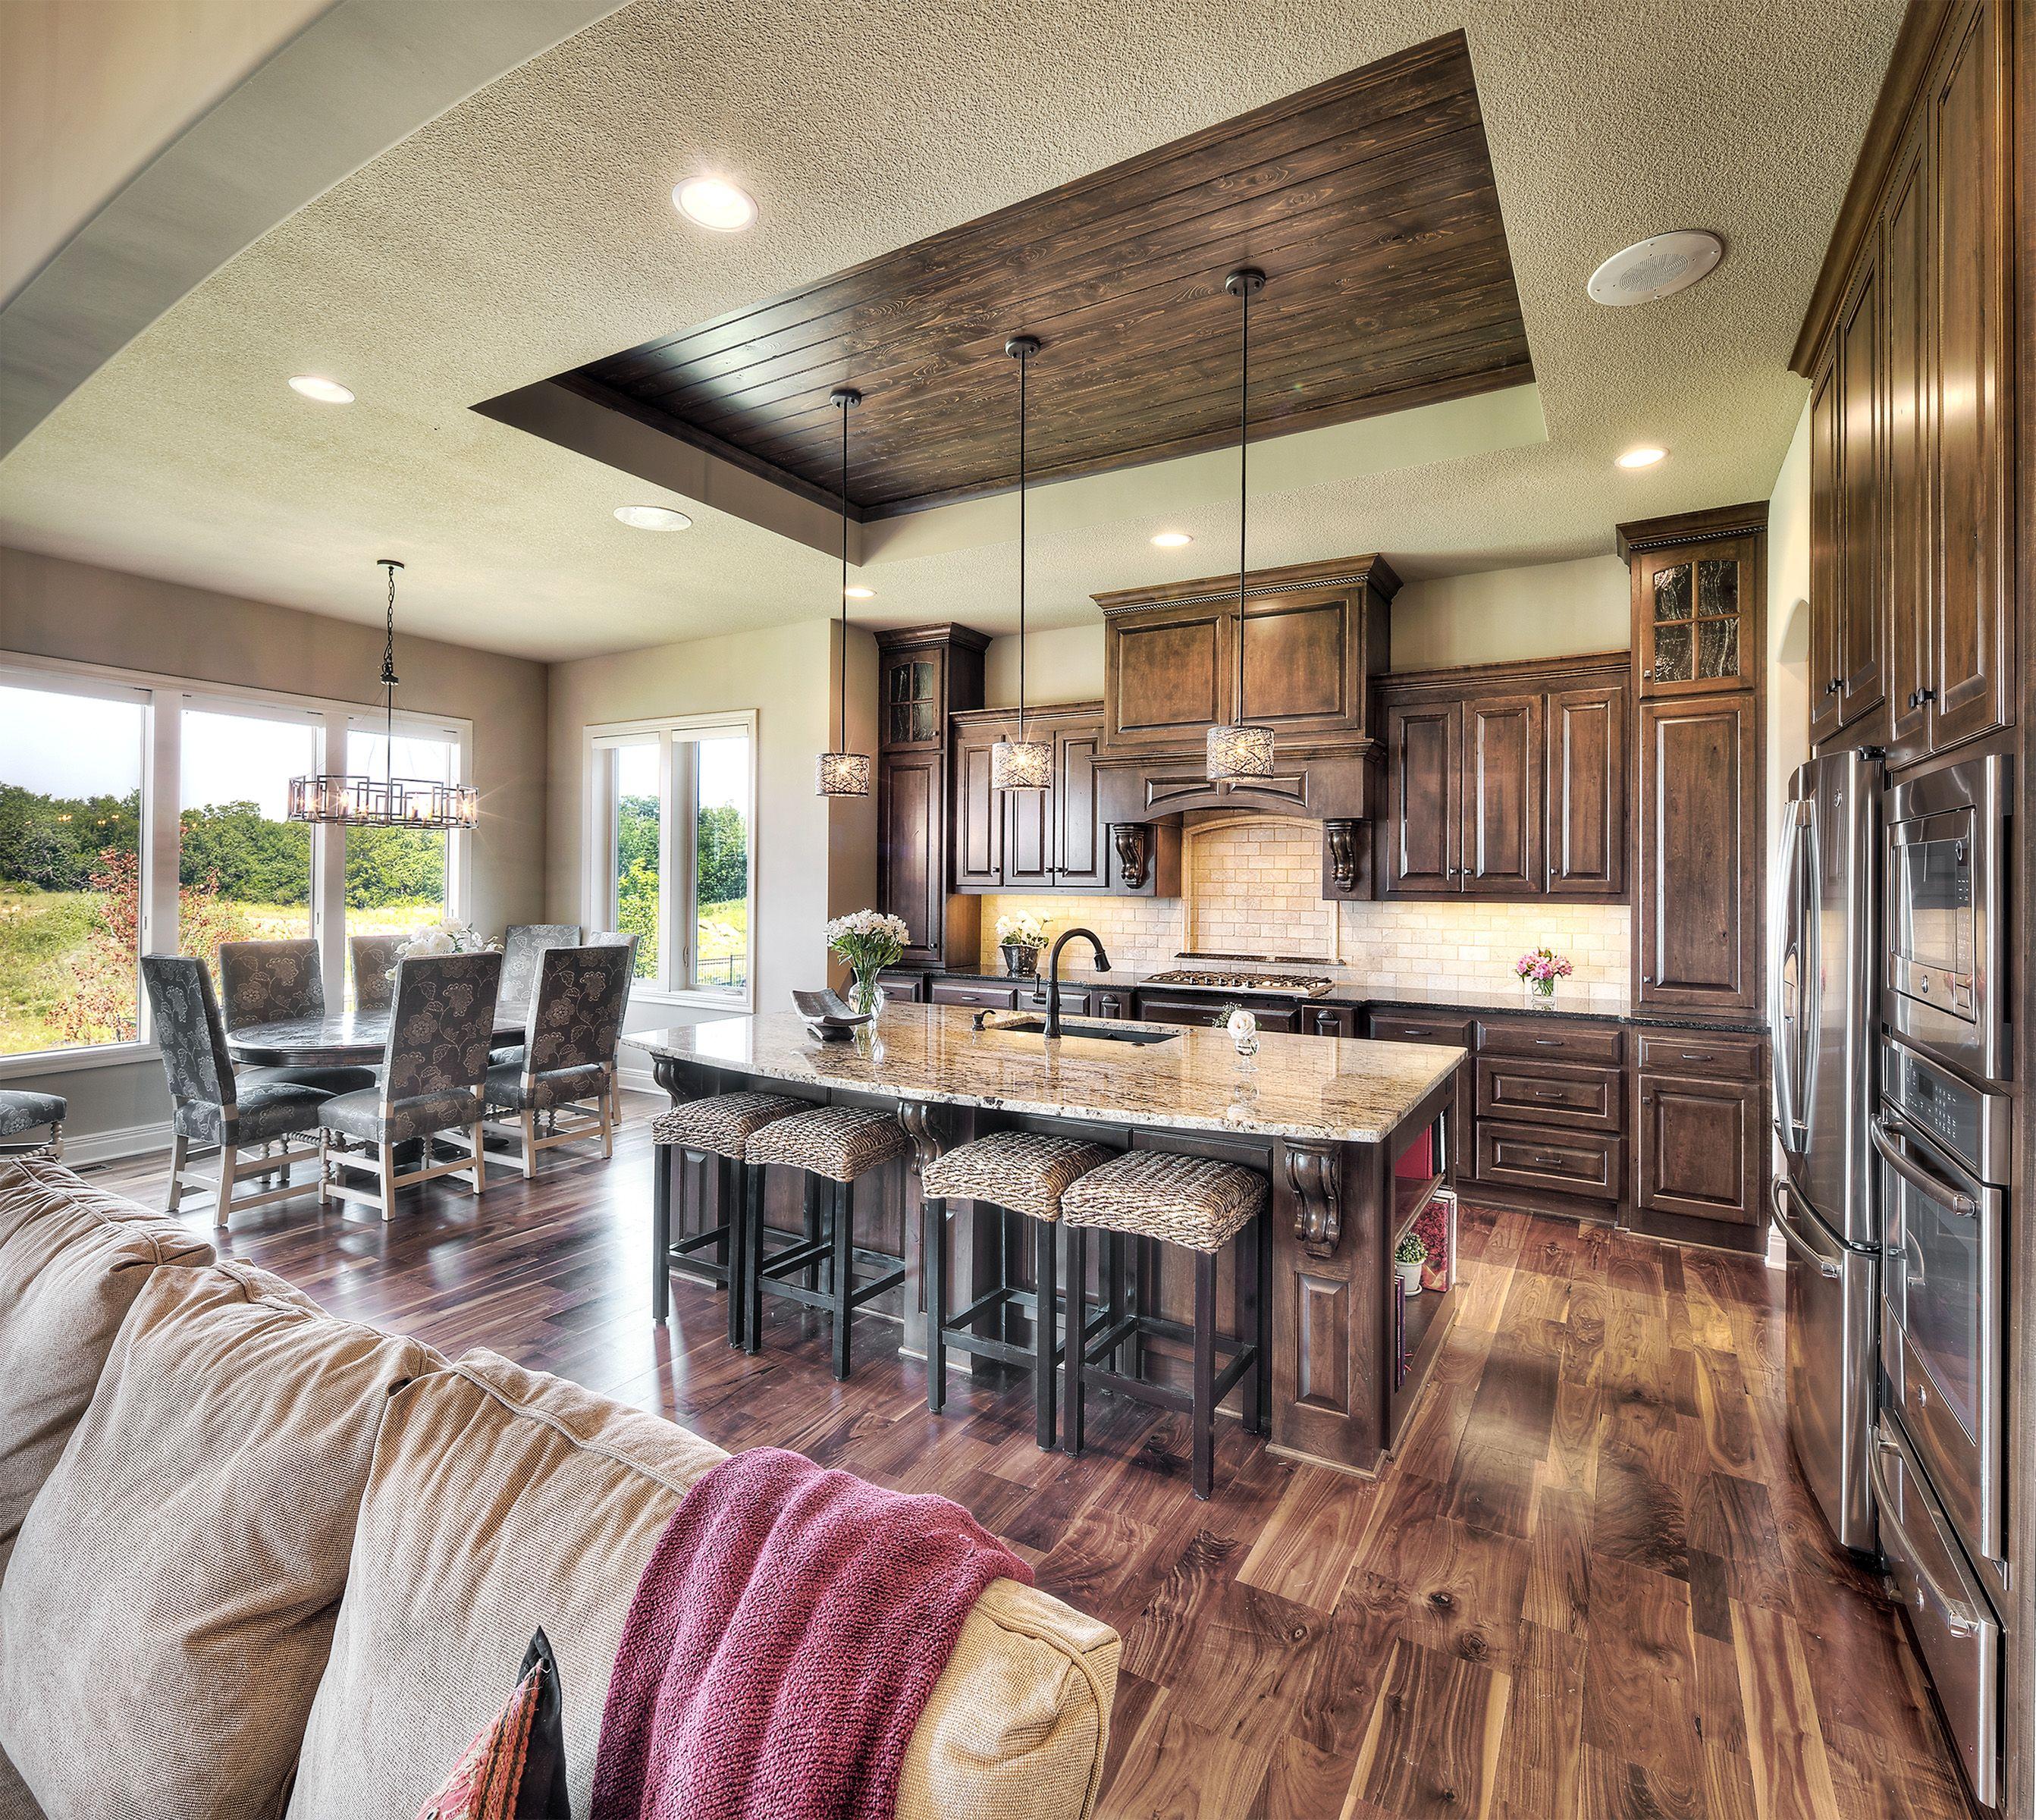 Overhead Kitchen Cabinet 2019: Kitchen: Vaulted Ceiling, Kitchen And Dining, Dark